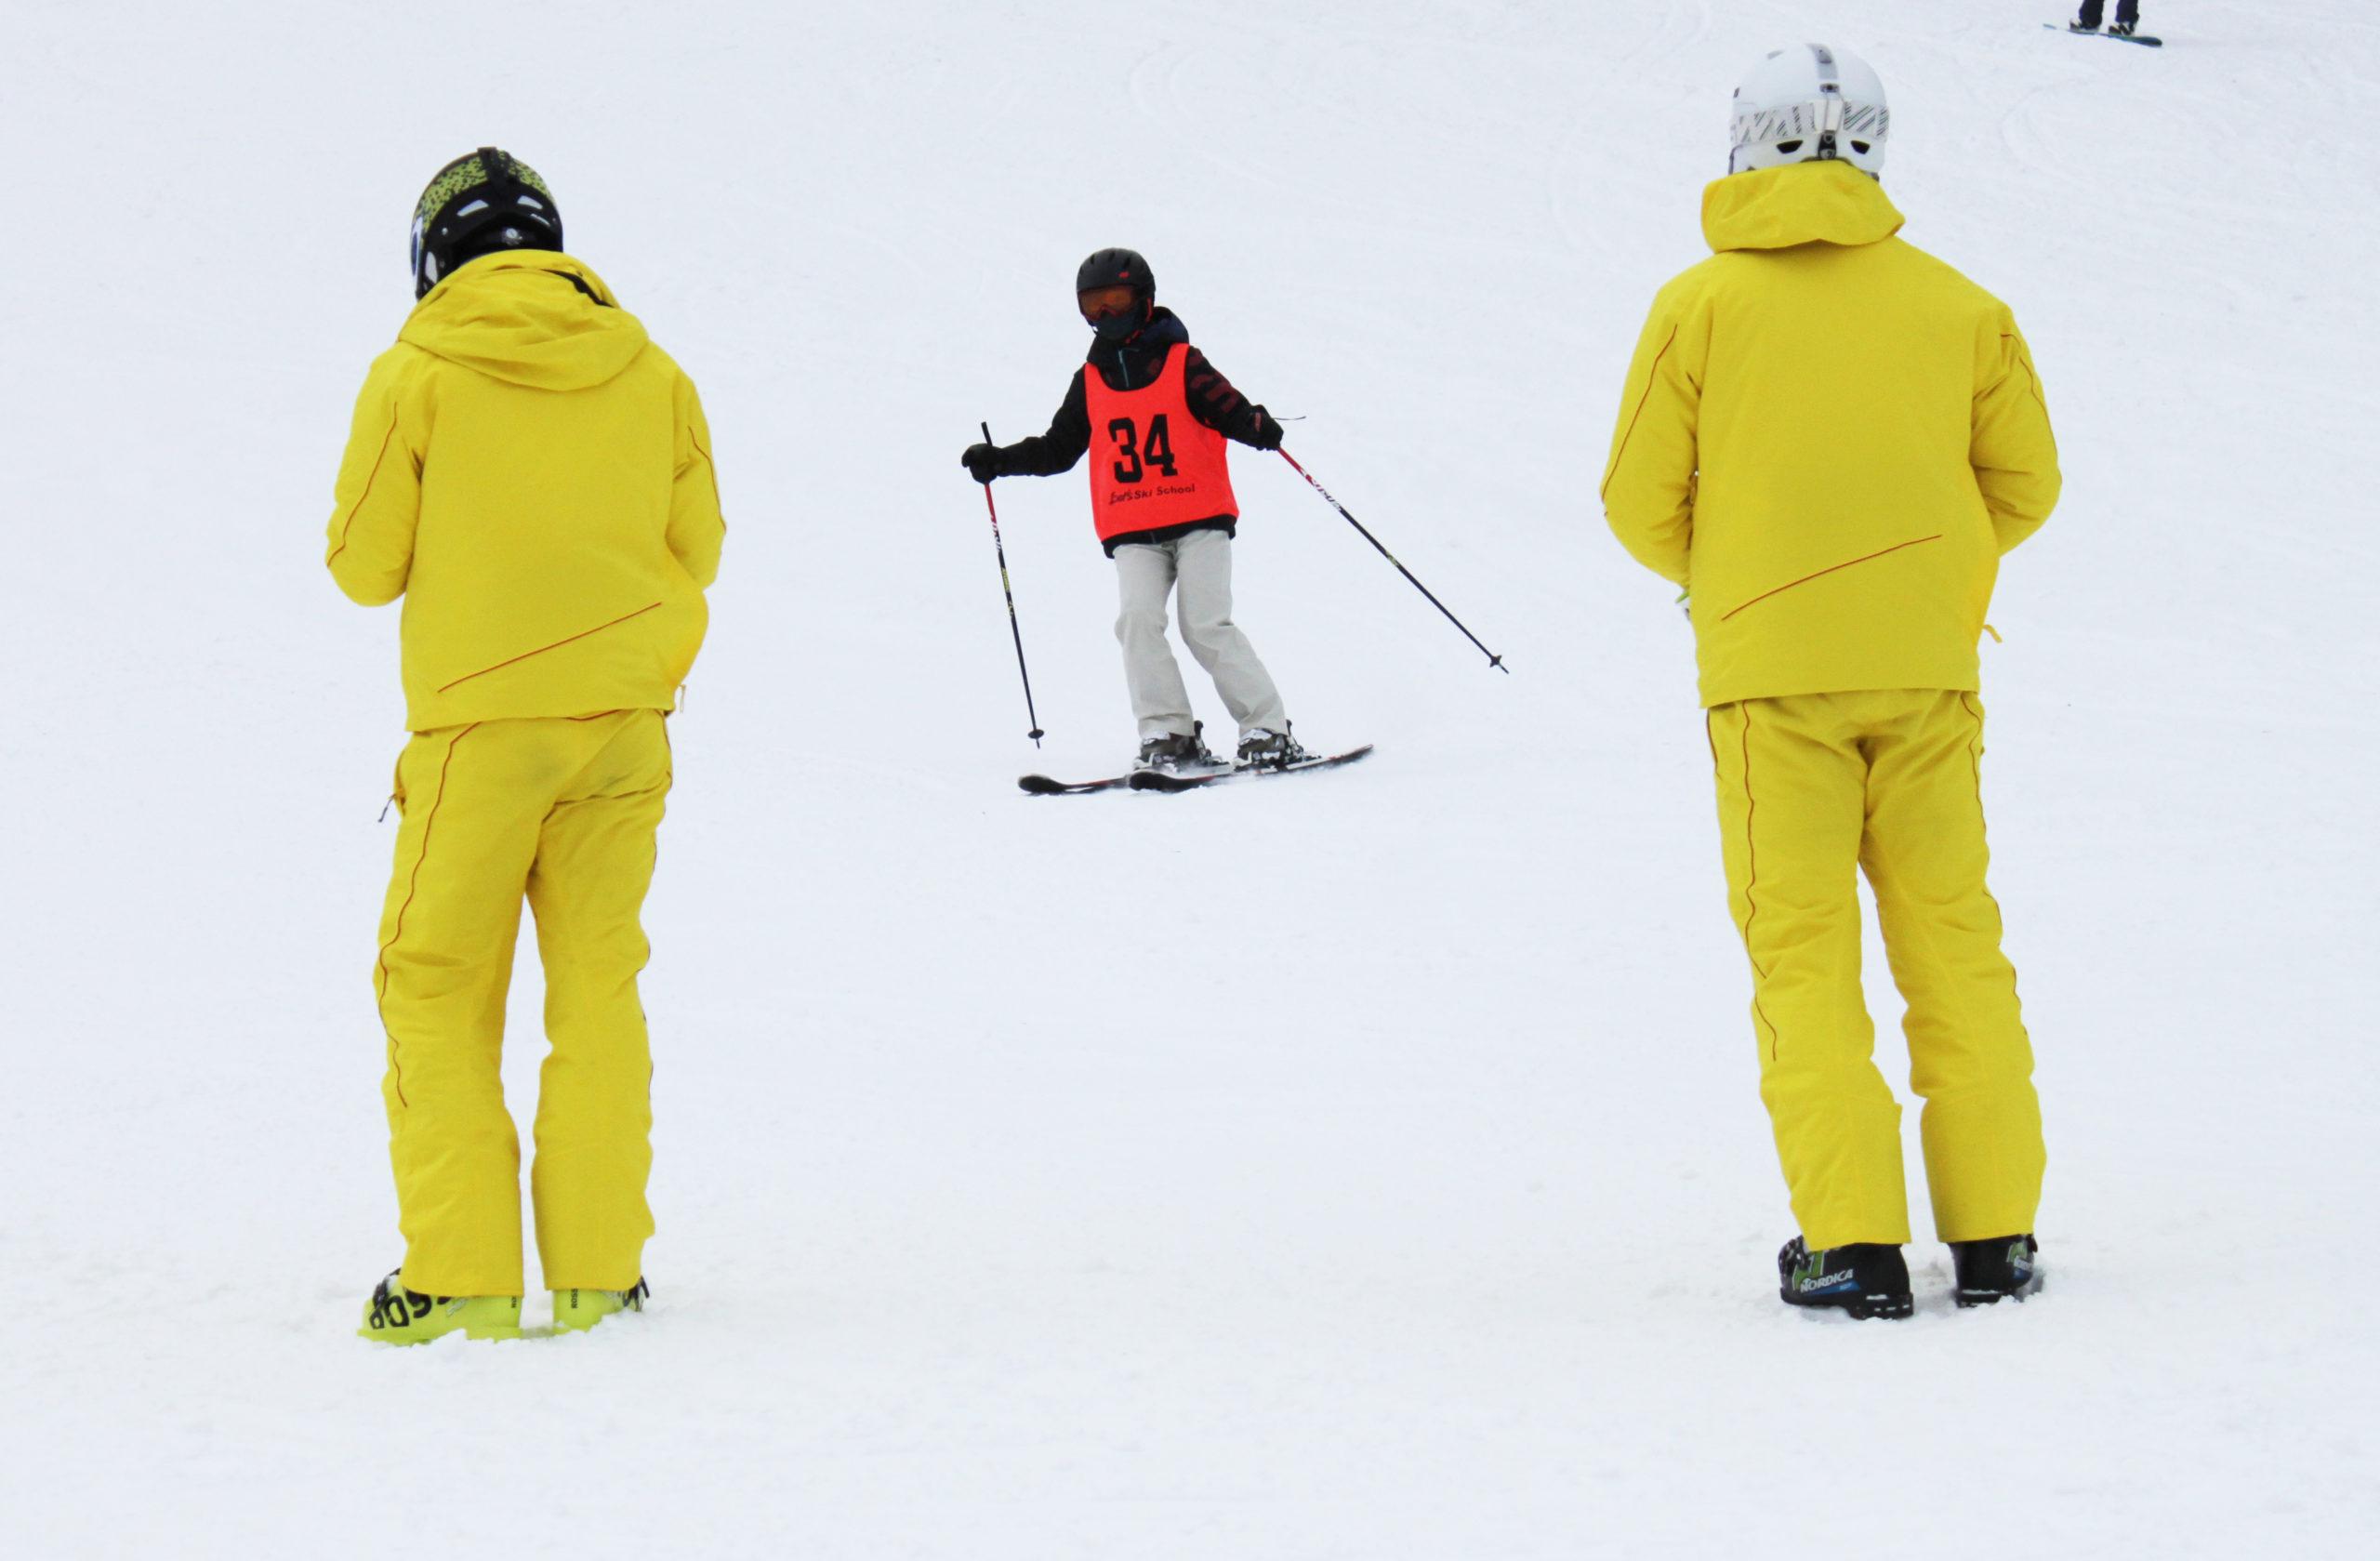 全日本スキー連盟公認バッジテストのご案内